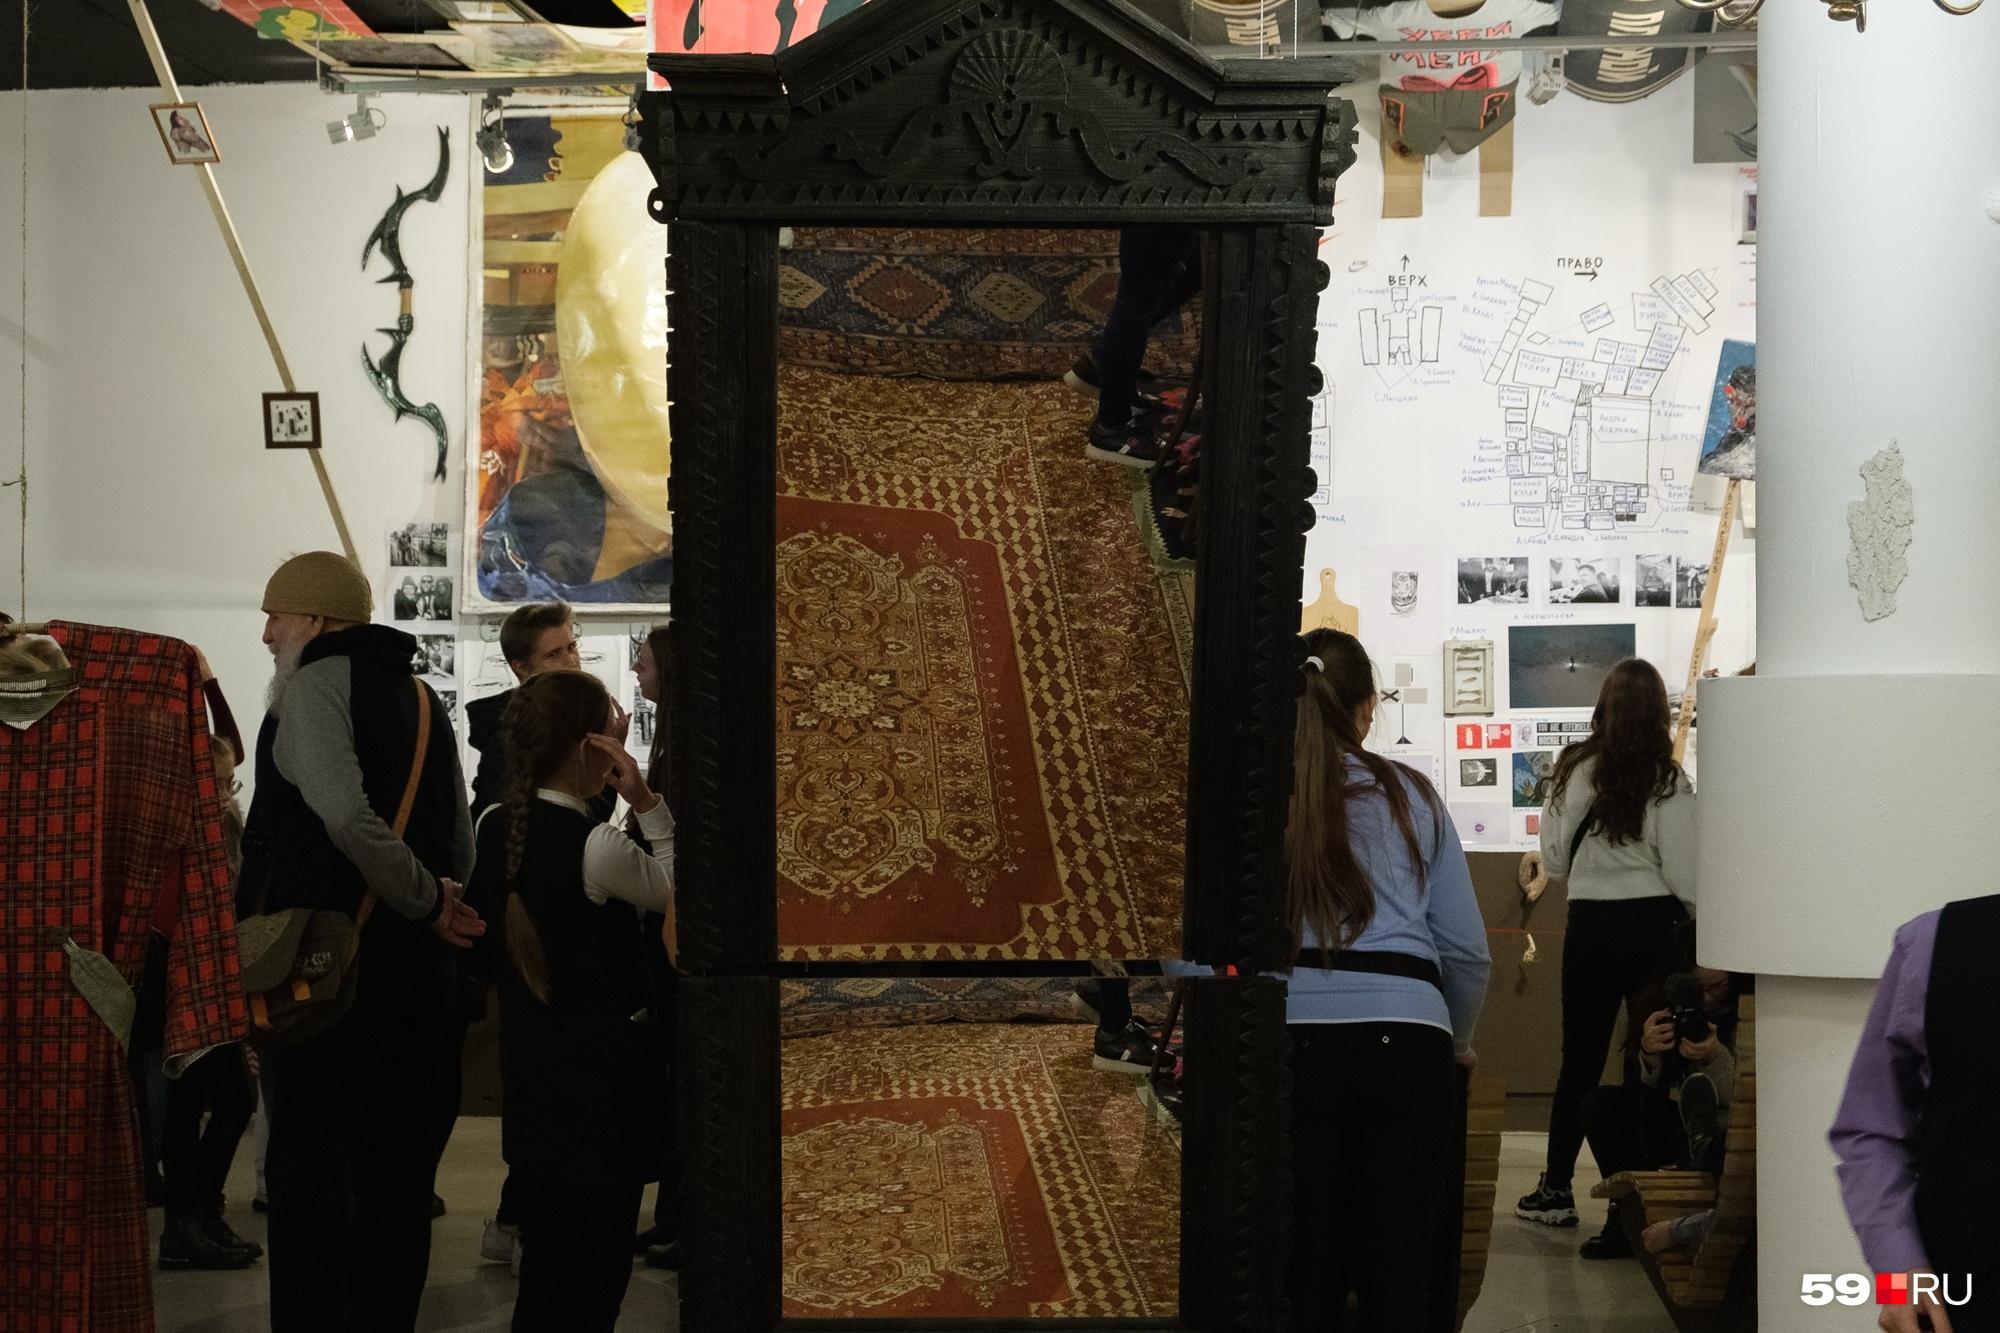 Еще один экспонат — старинное зеркало. Отражение в нем тоже важно